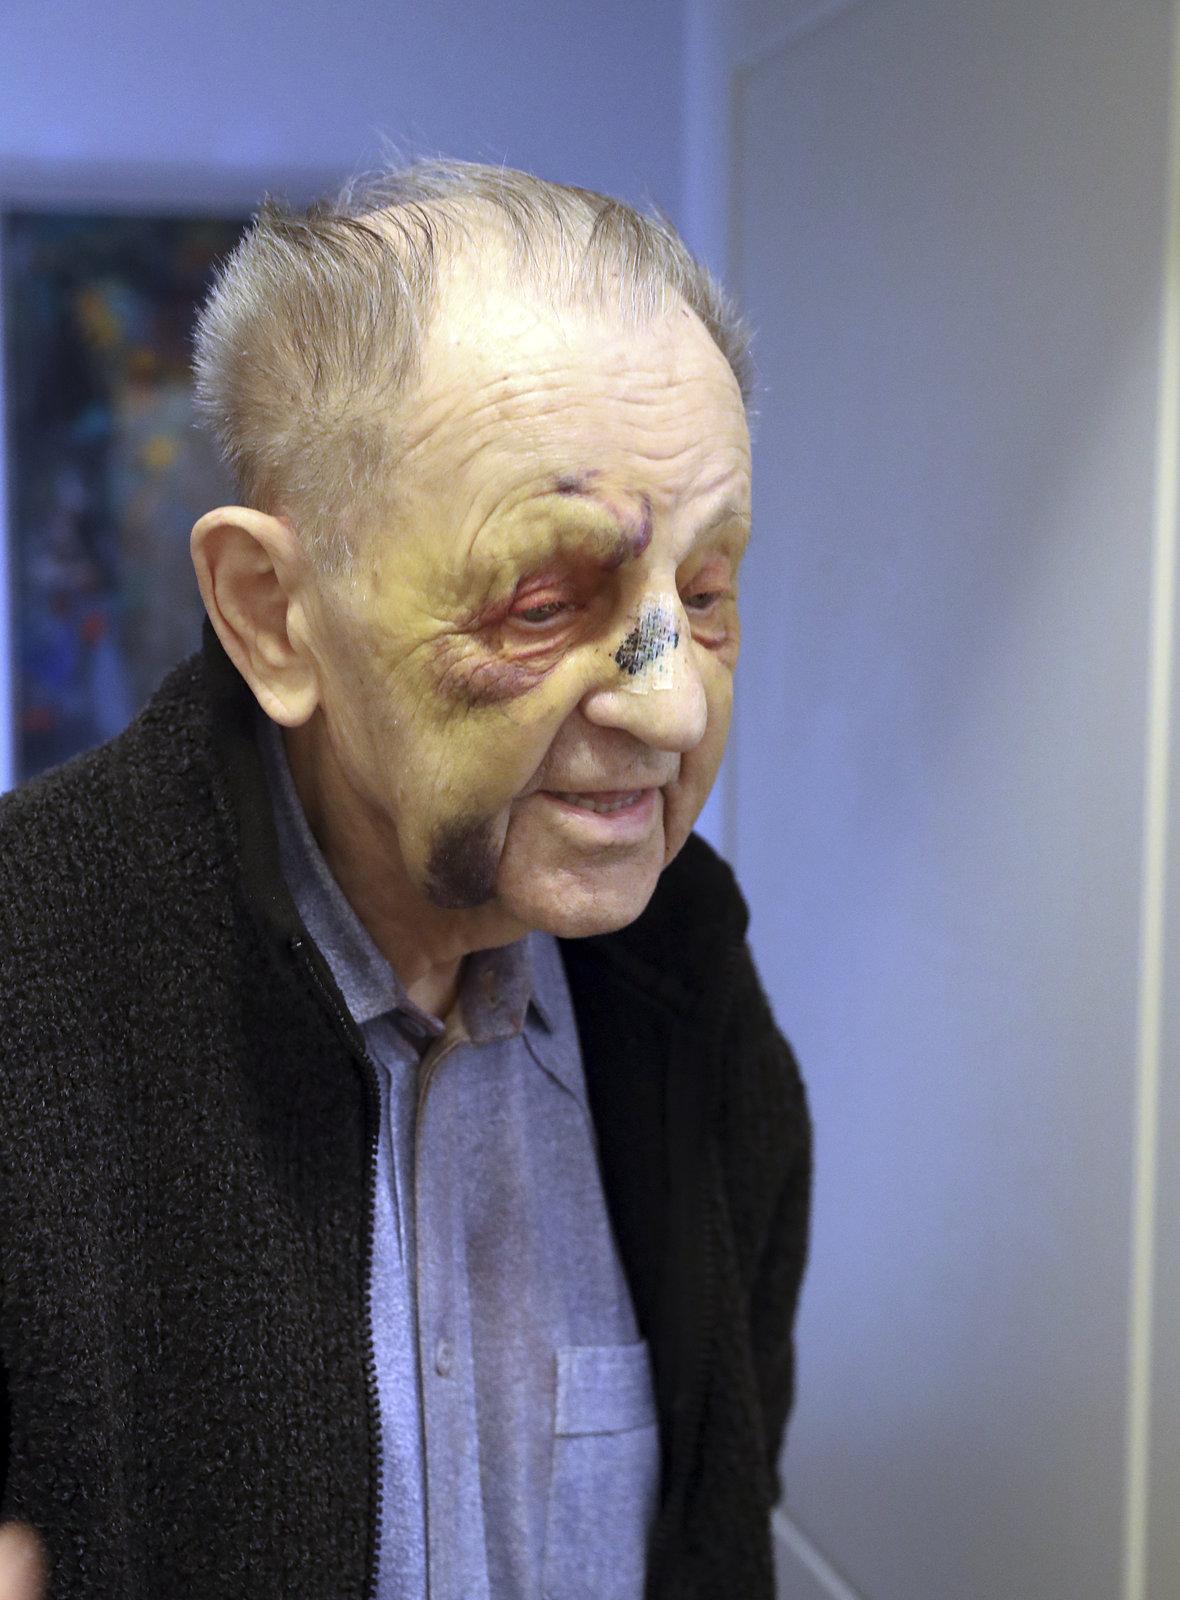 To je ale tuhý kořínek! Jakešovi je 94, ale přežil režim i srážku s autem. A tvrdí, že mu vlastně skoro nic není!